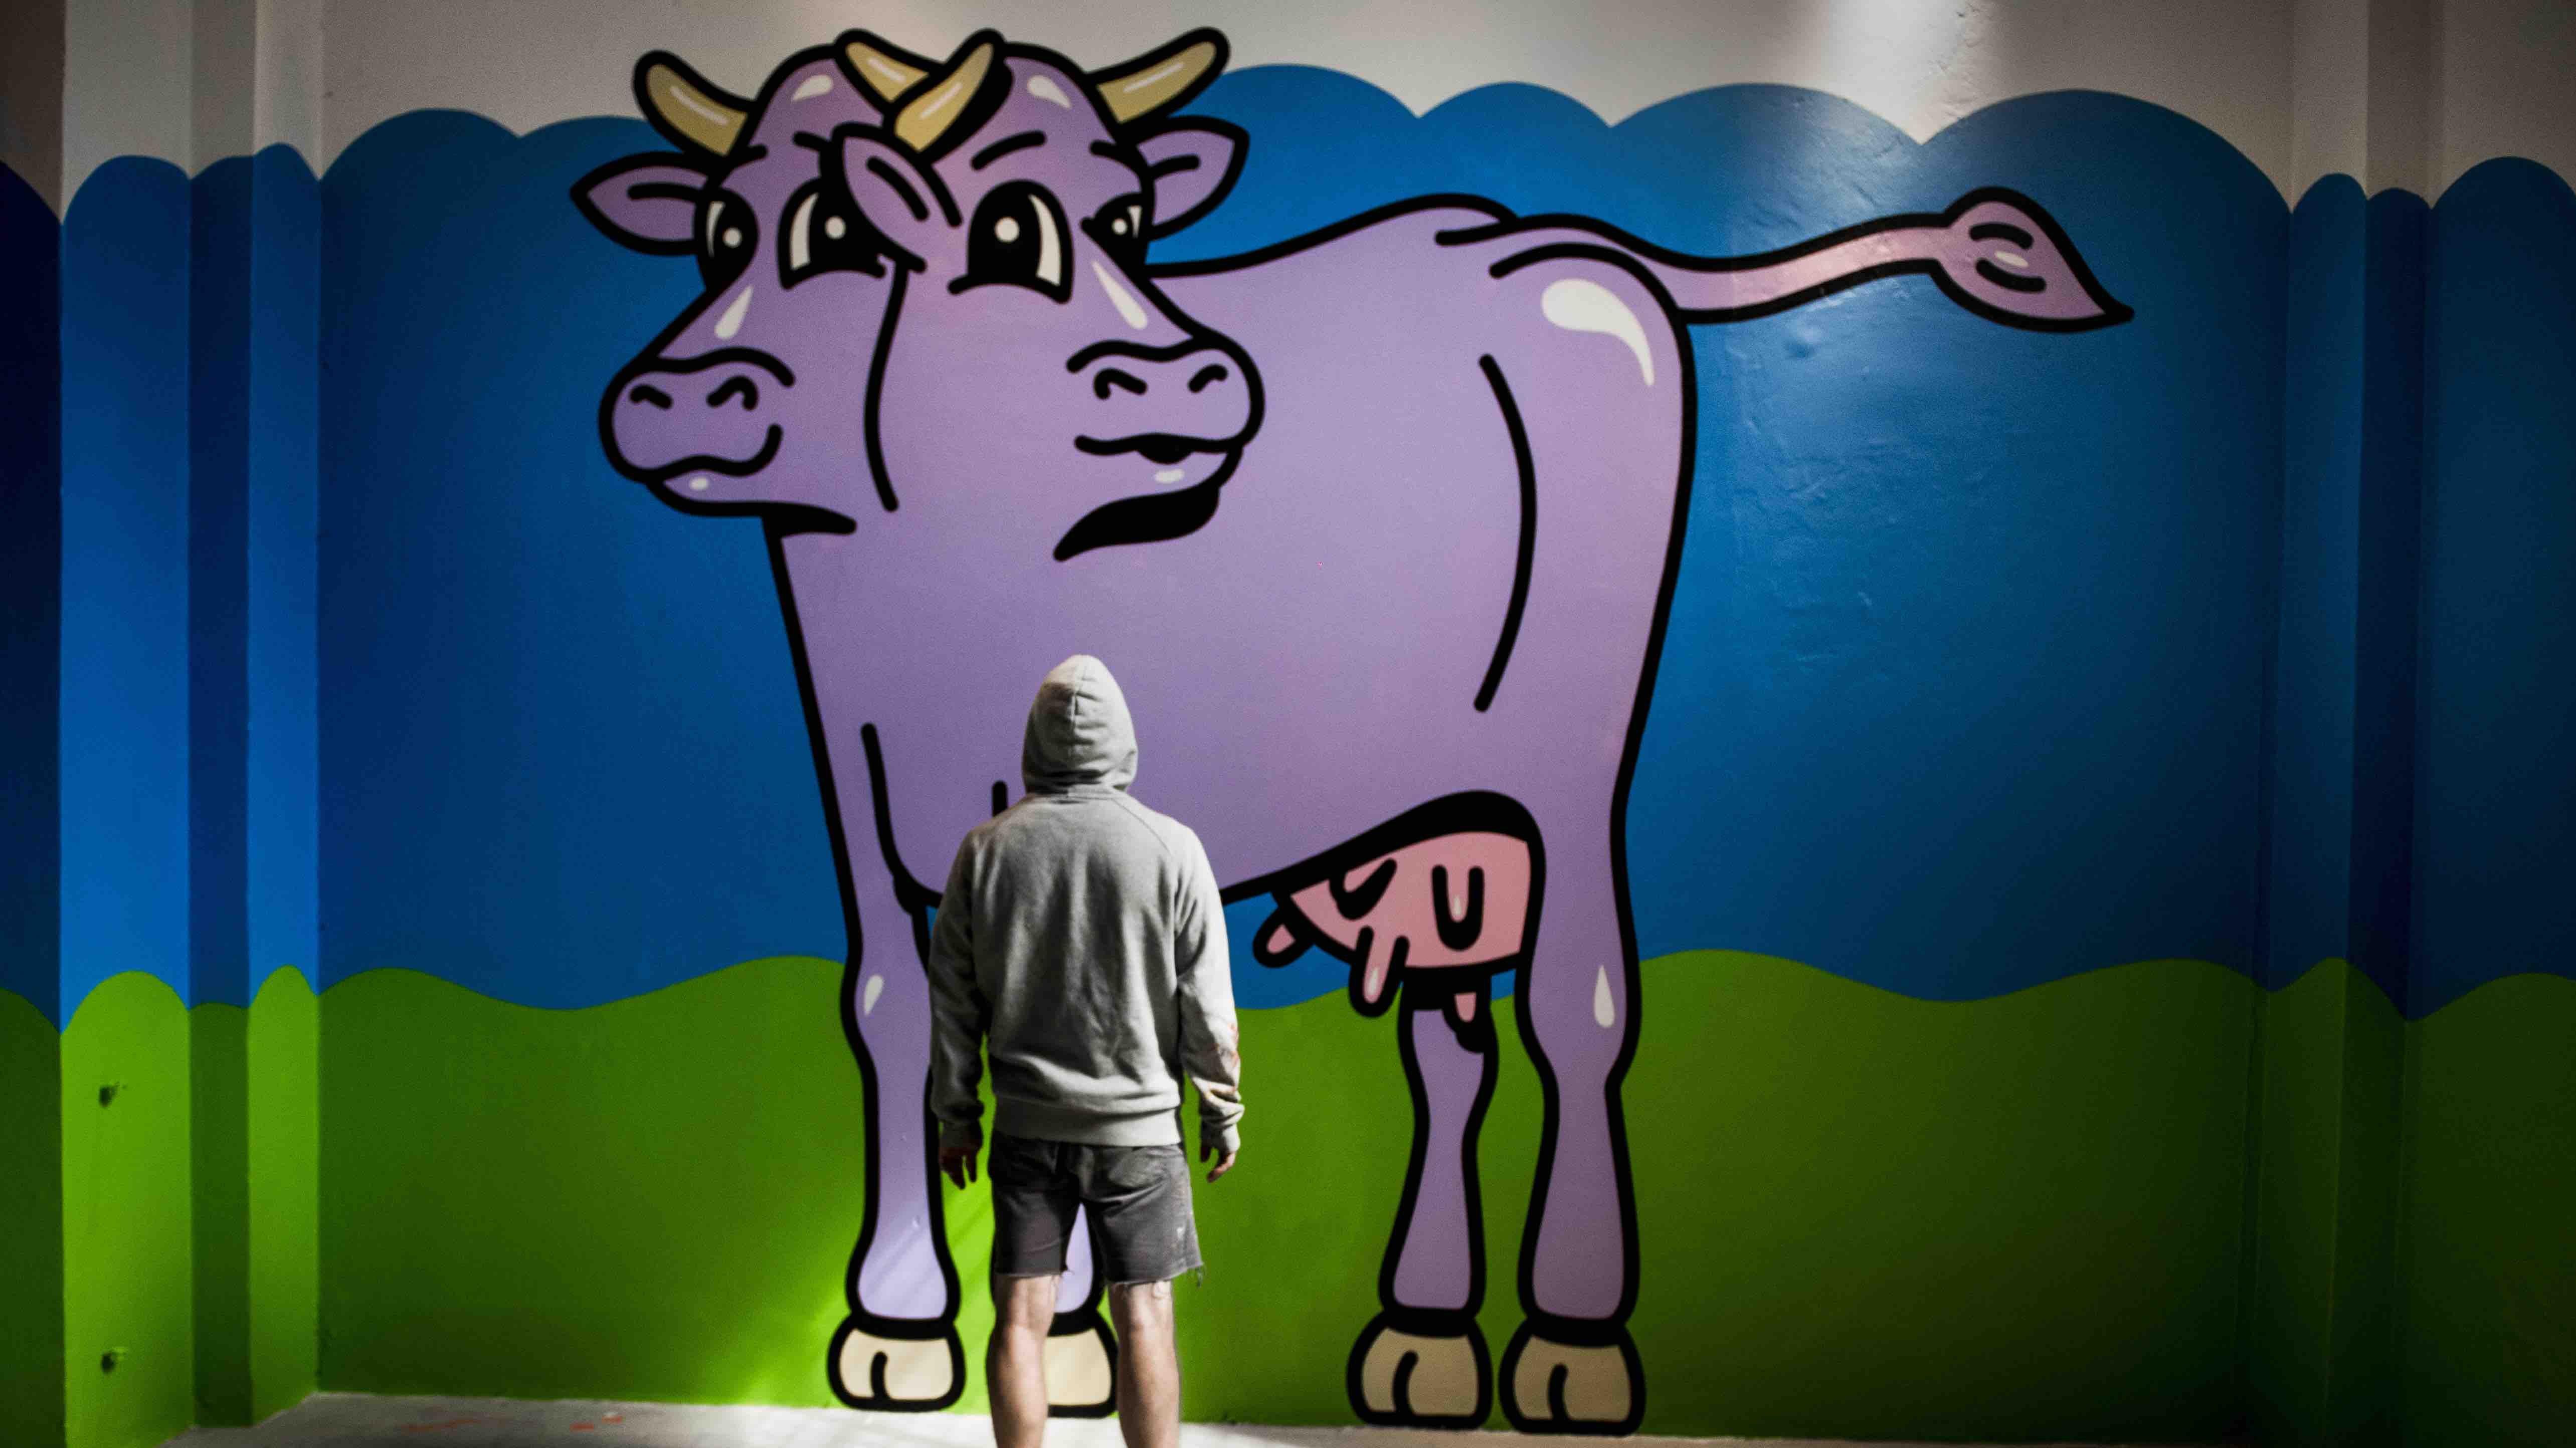 Vi kender ikke til kunstneren HuskMitNavns identitet. Her er han fotograferet foran et af sine graffitiværker med ryggen til kameraet.